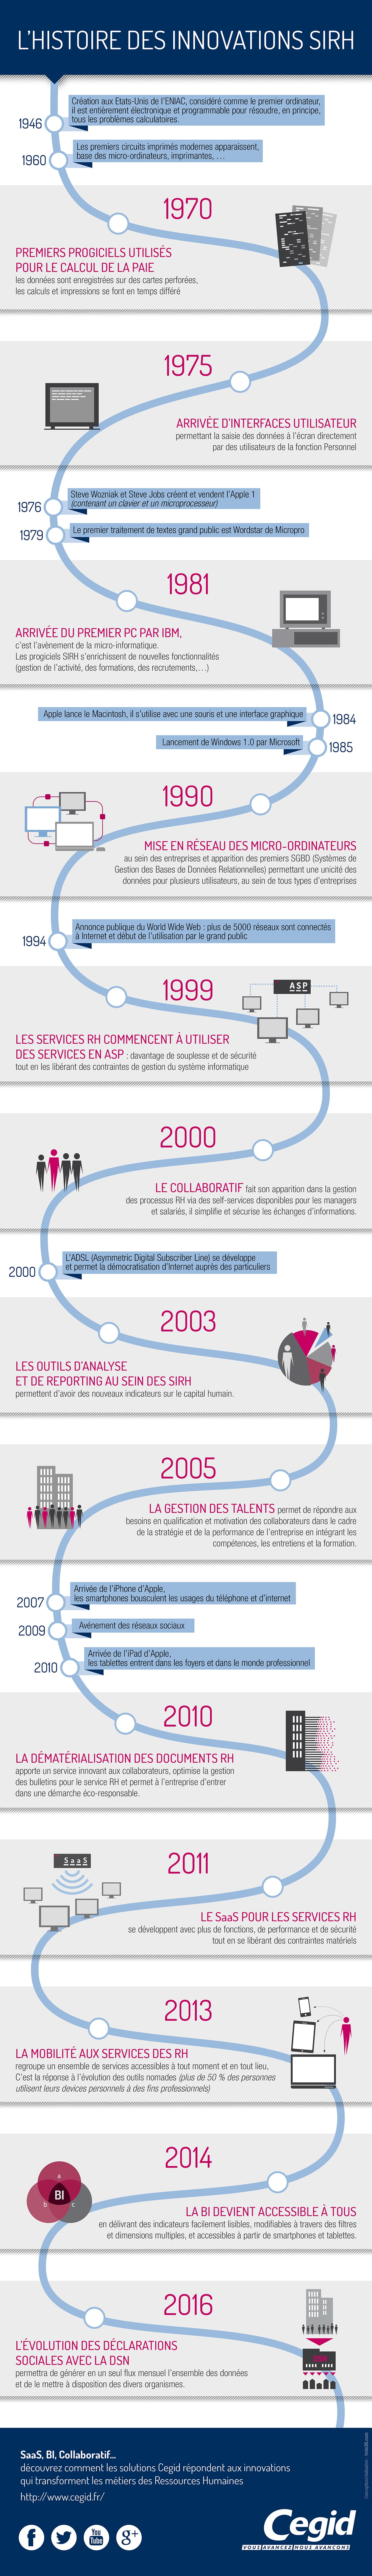 « L'histoire des innovations SIRH », une infographie pour la société Cegid